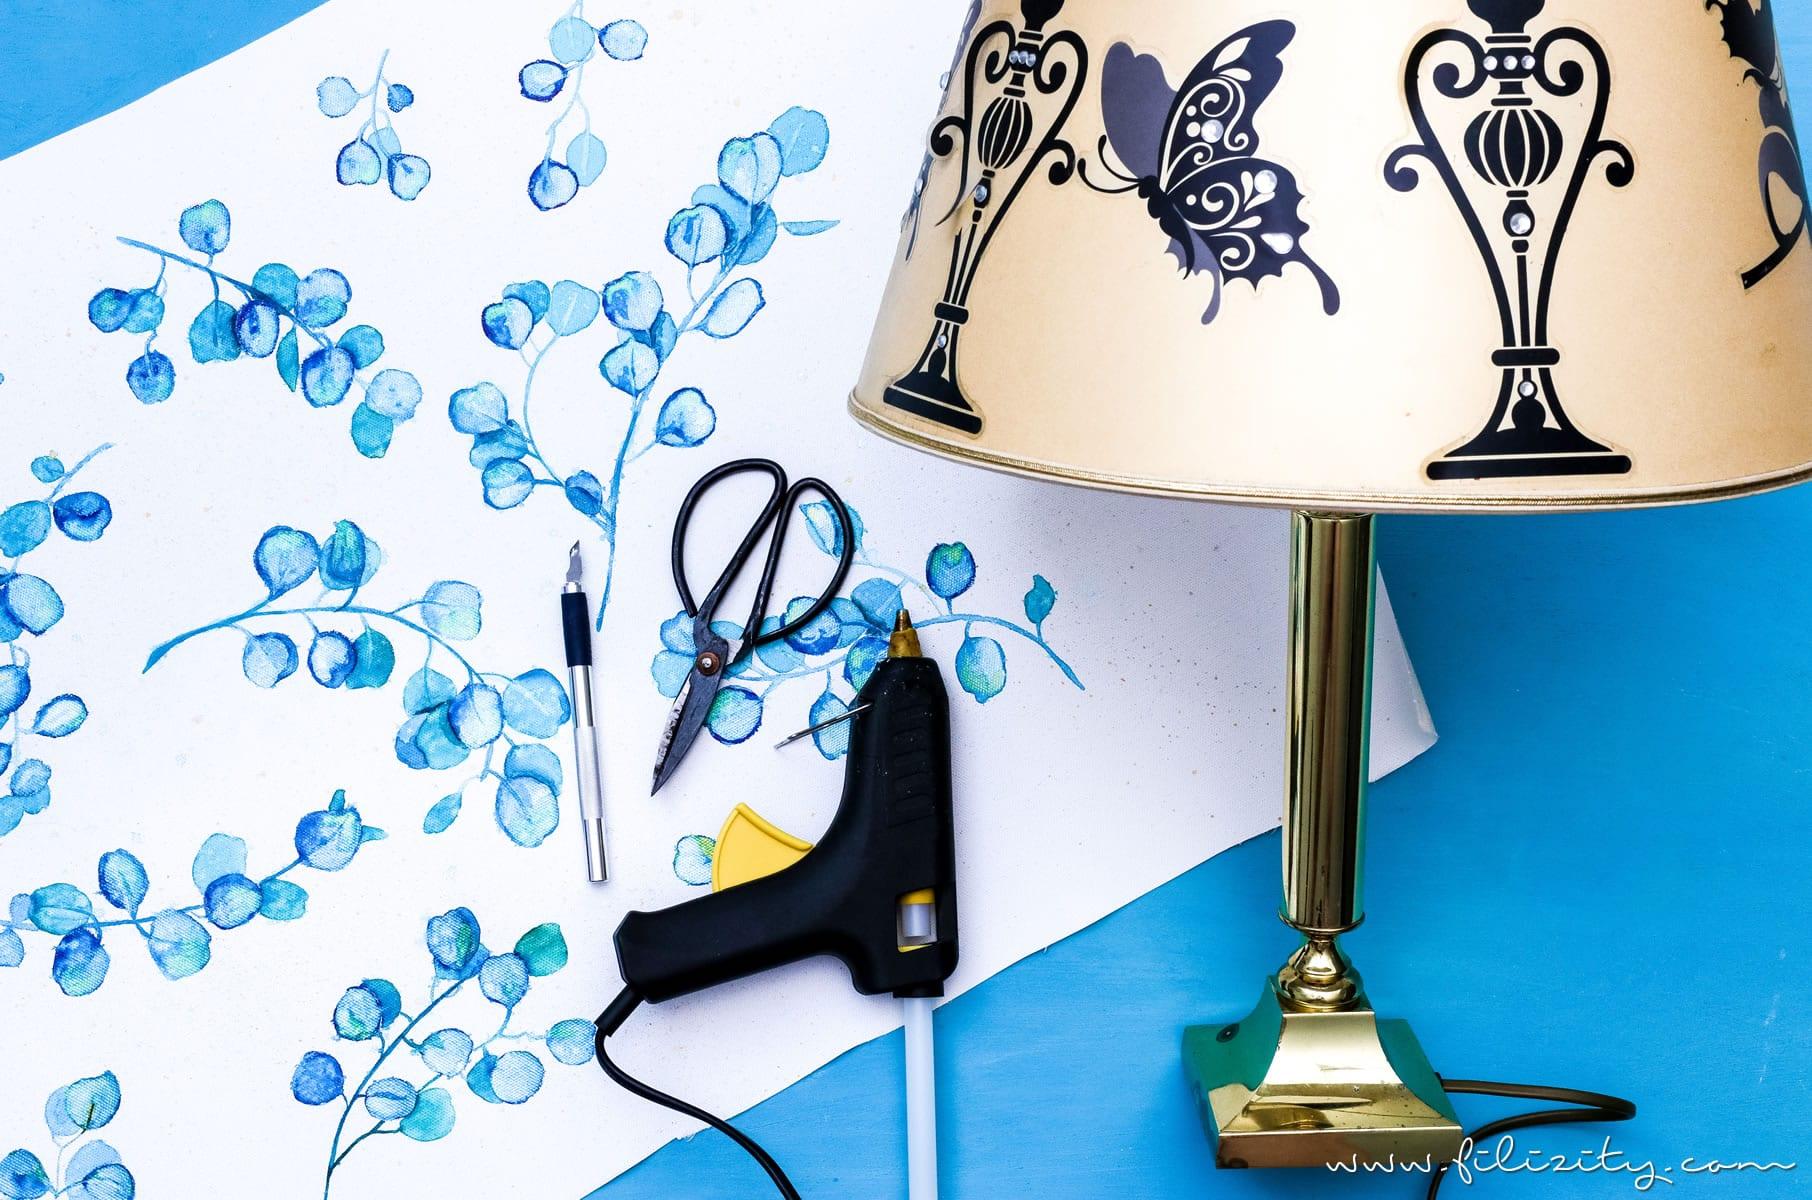 DIY Lampenschirm Basteln Aus Leinwand Mit Aquarell Muster | Upcycling Deko:  Lampenschirm Wechseln |